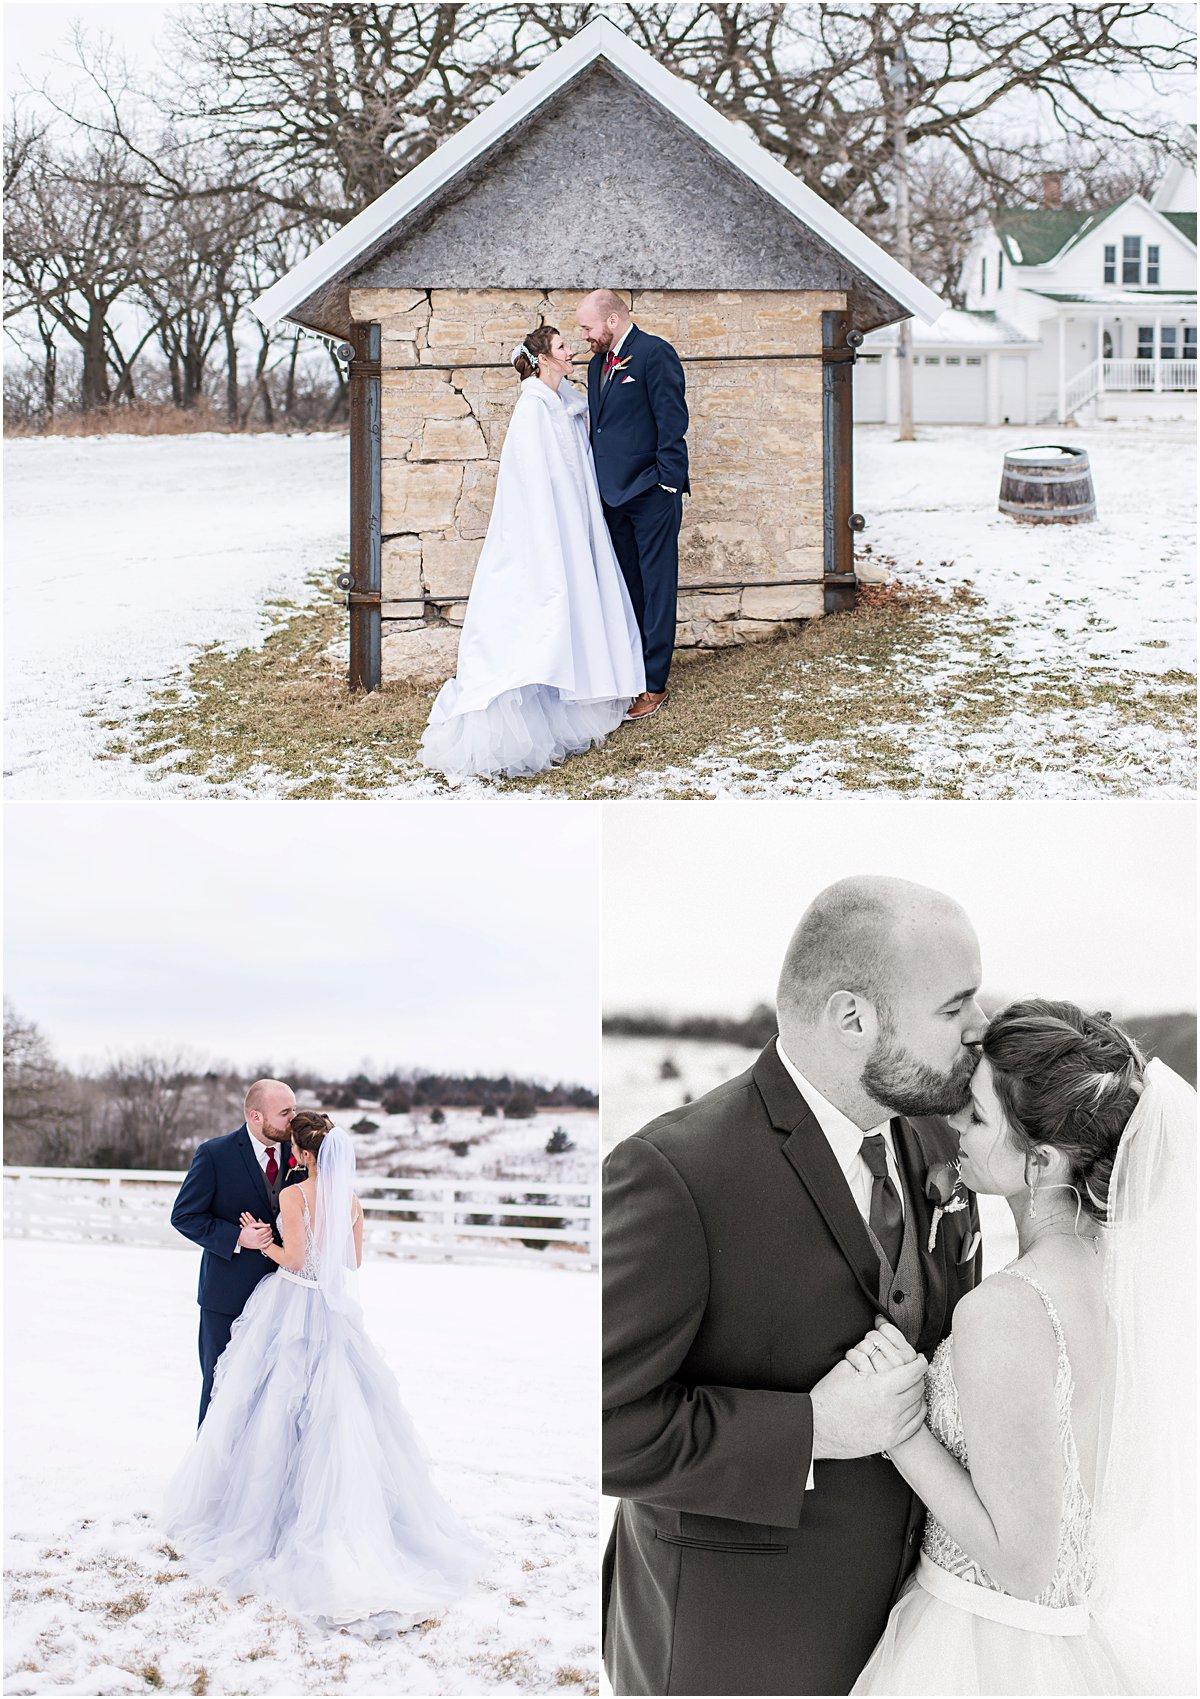 Helget Wedding Dec 2017_0020.jpg